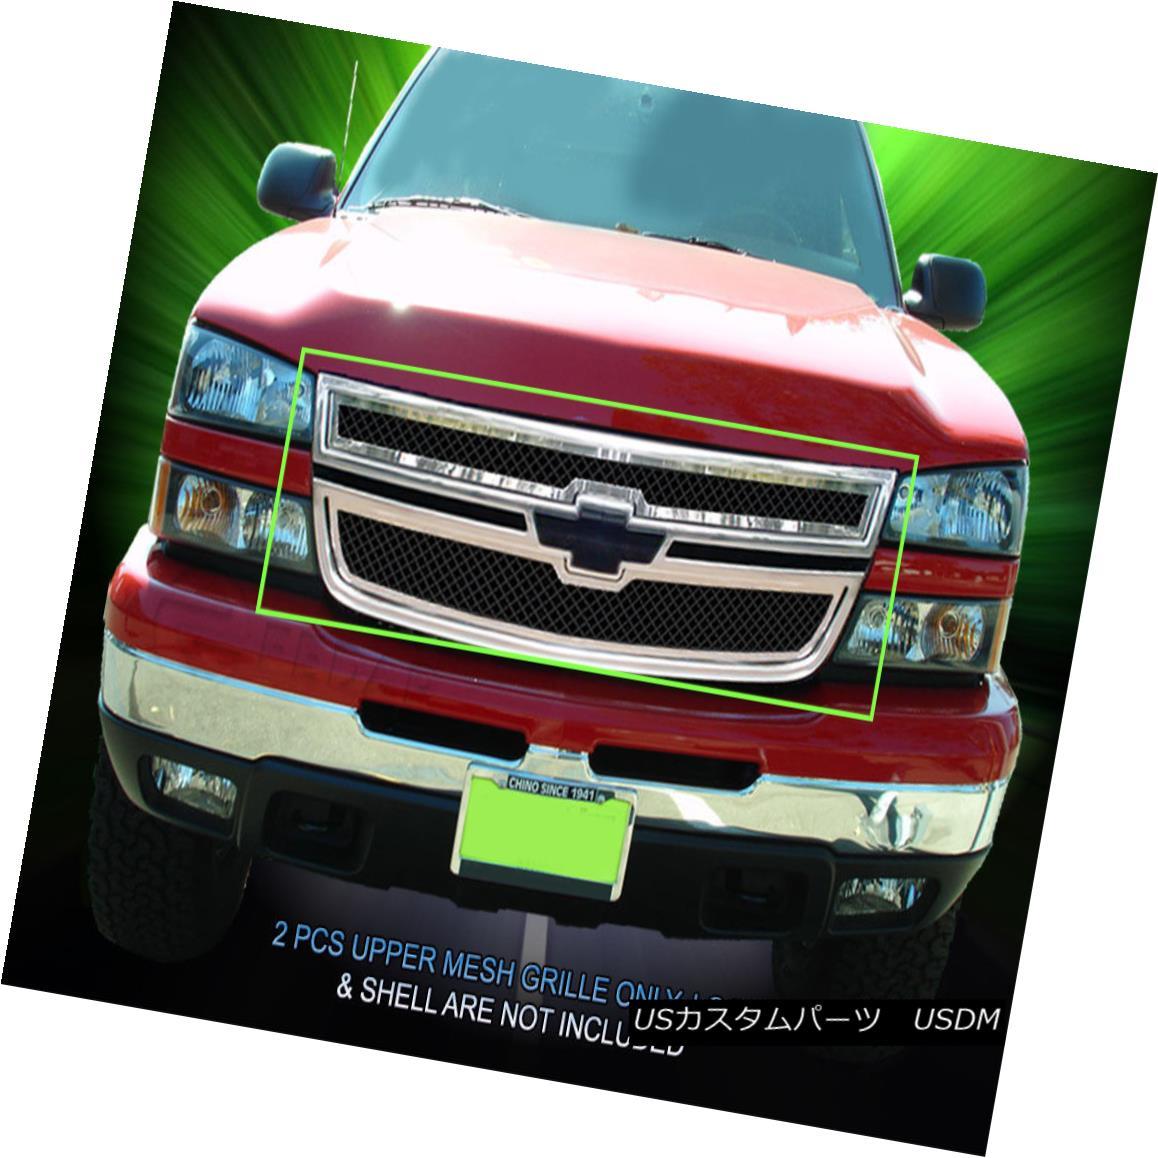 グリル Fedar Fits 05-07 Chevy Silverado 1500/1500HD/2500HD/3500 Mesh Grille Insert Fedar Fits 05-07 Chevy Silverado 1500 / 1500HD / 25 00HD / 3500メッシュグリルインサート